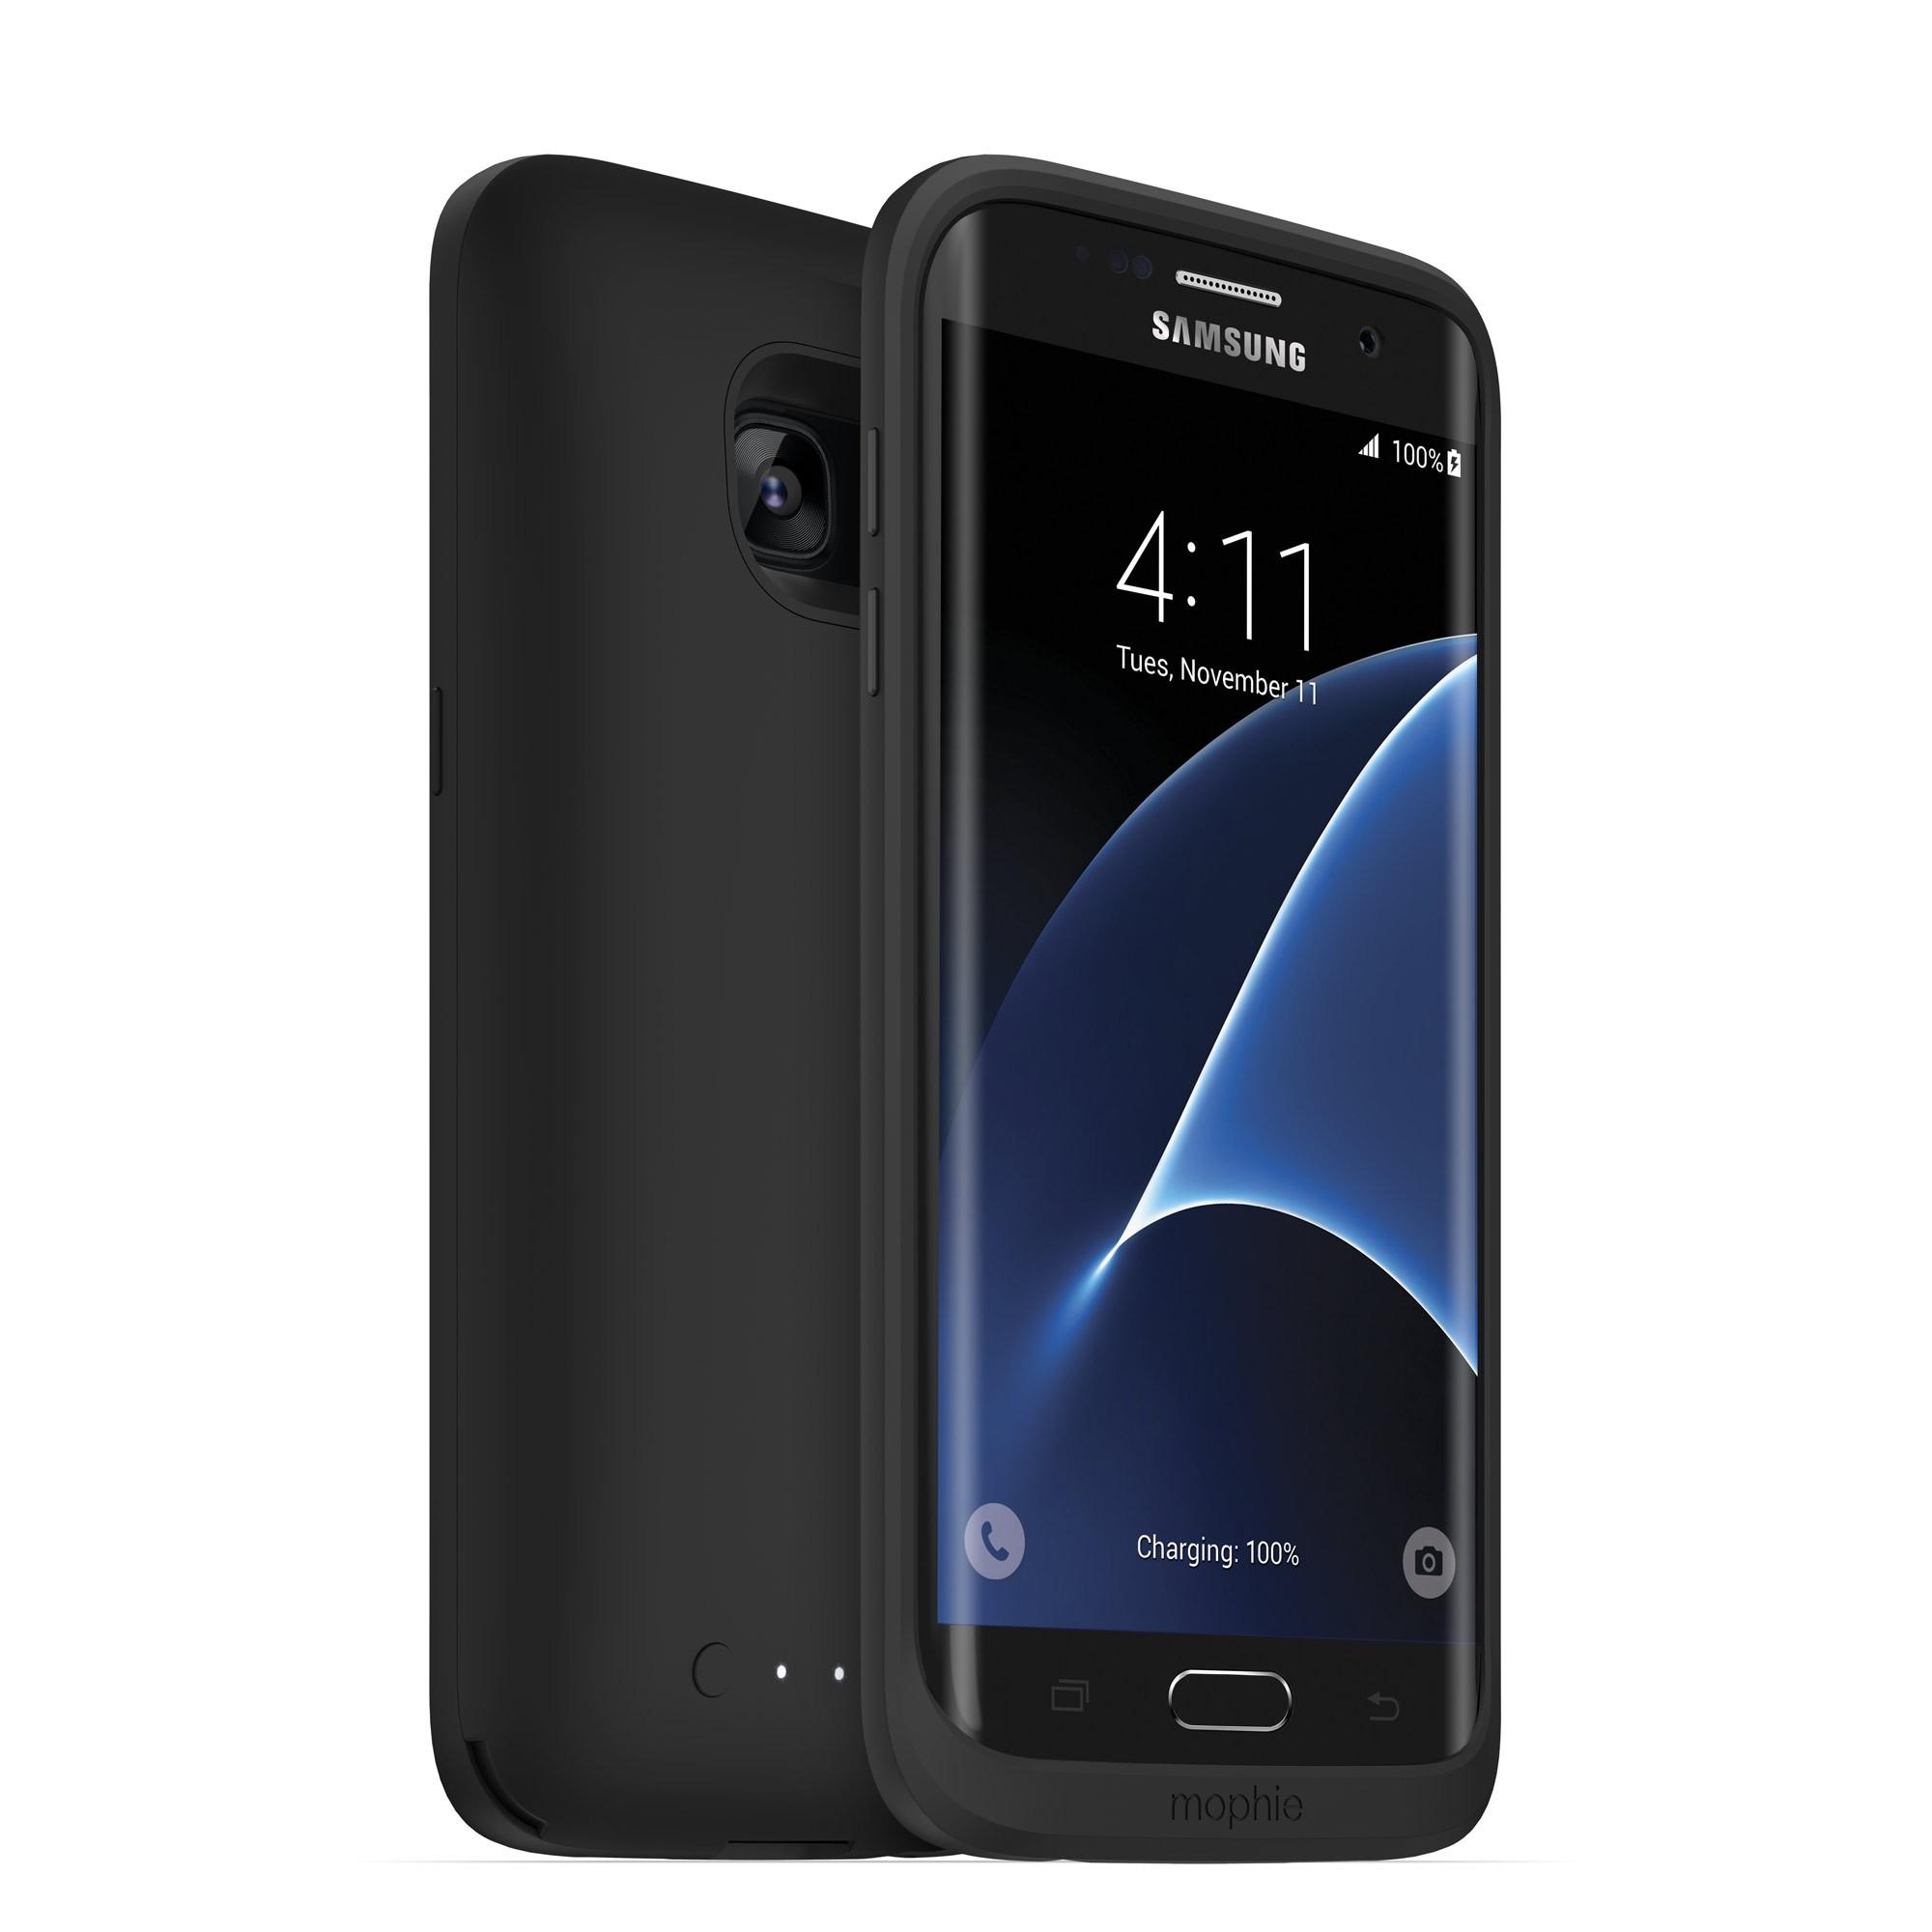 Samsung S7 Schermata Nera